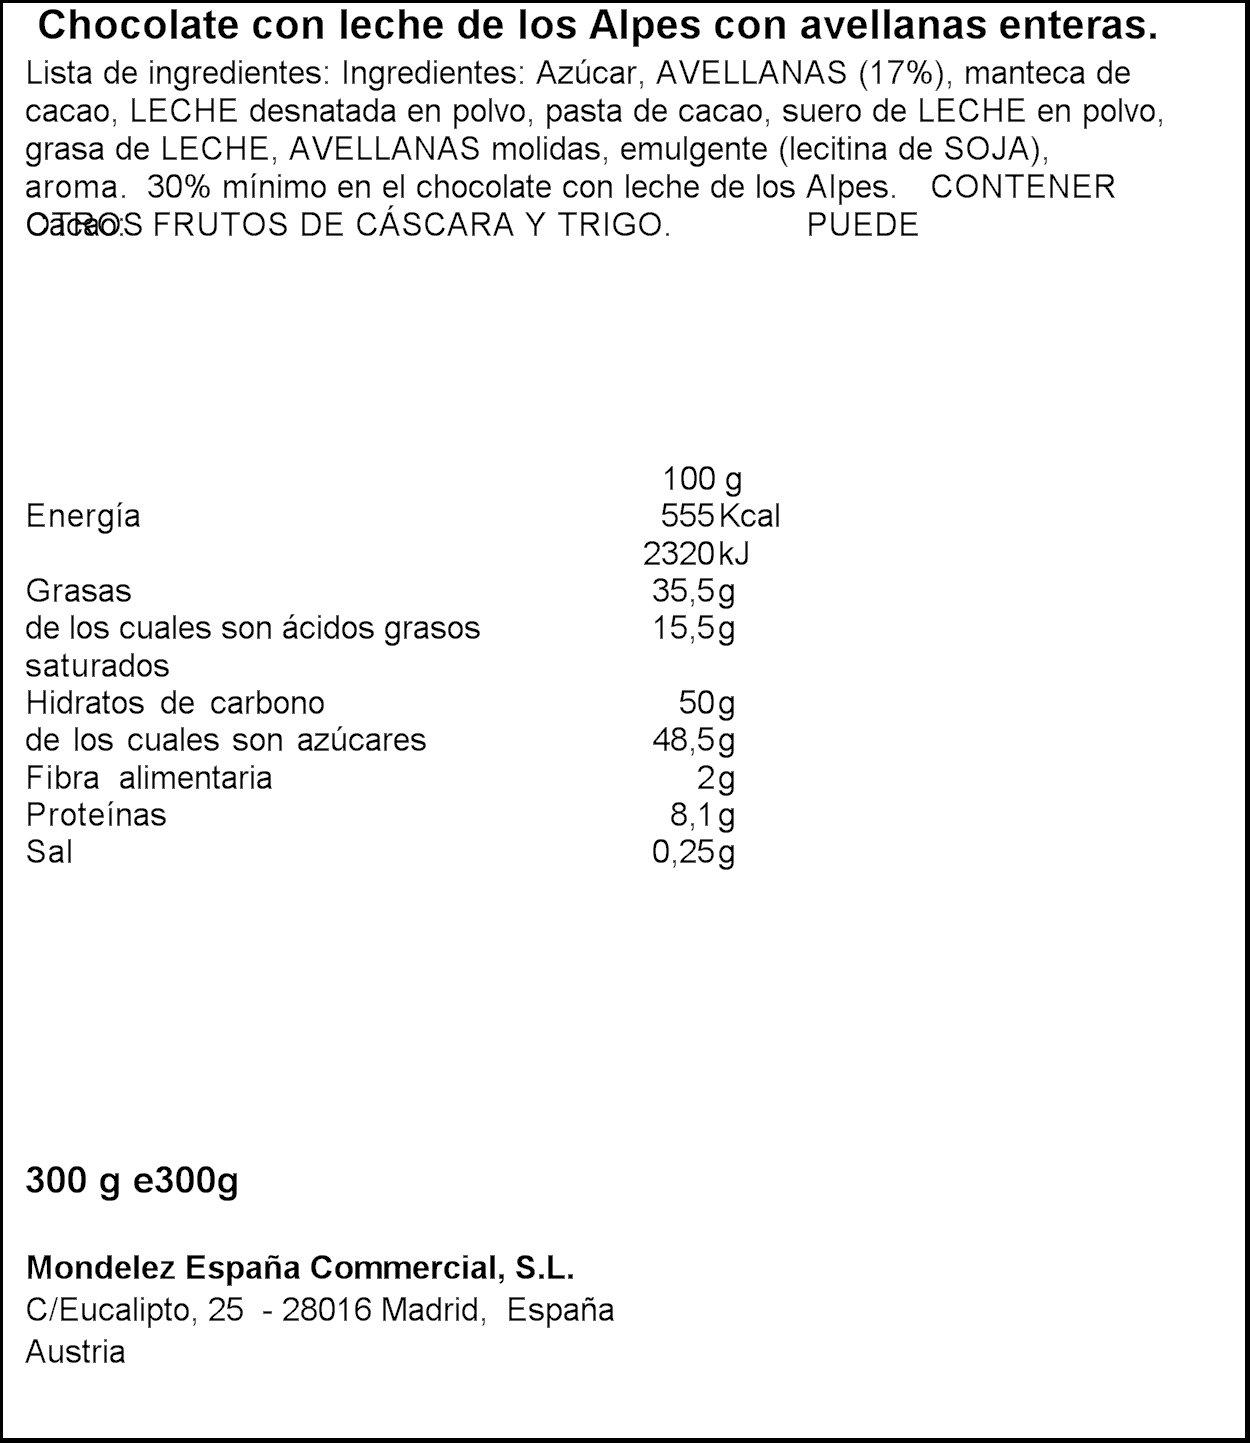 Milka tableta de chocolate leche con frutos secos enteros(e300g)